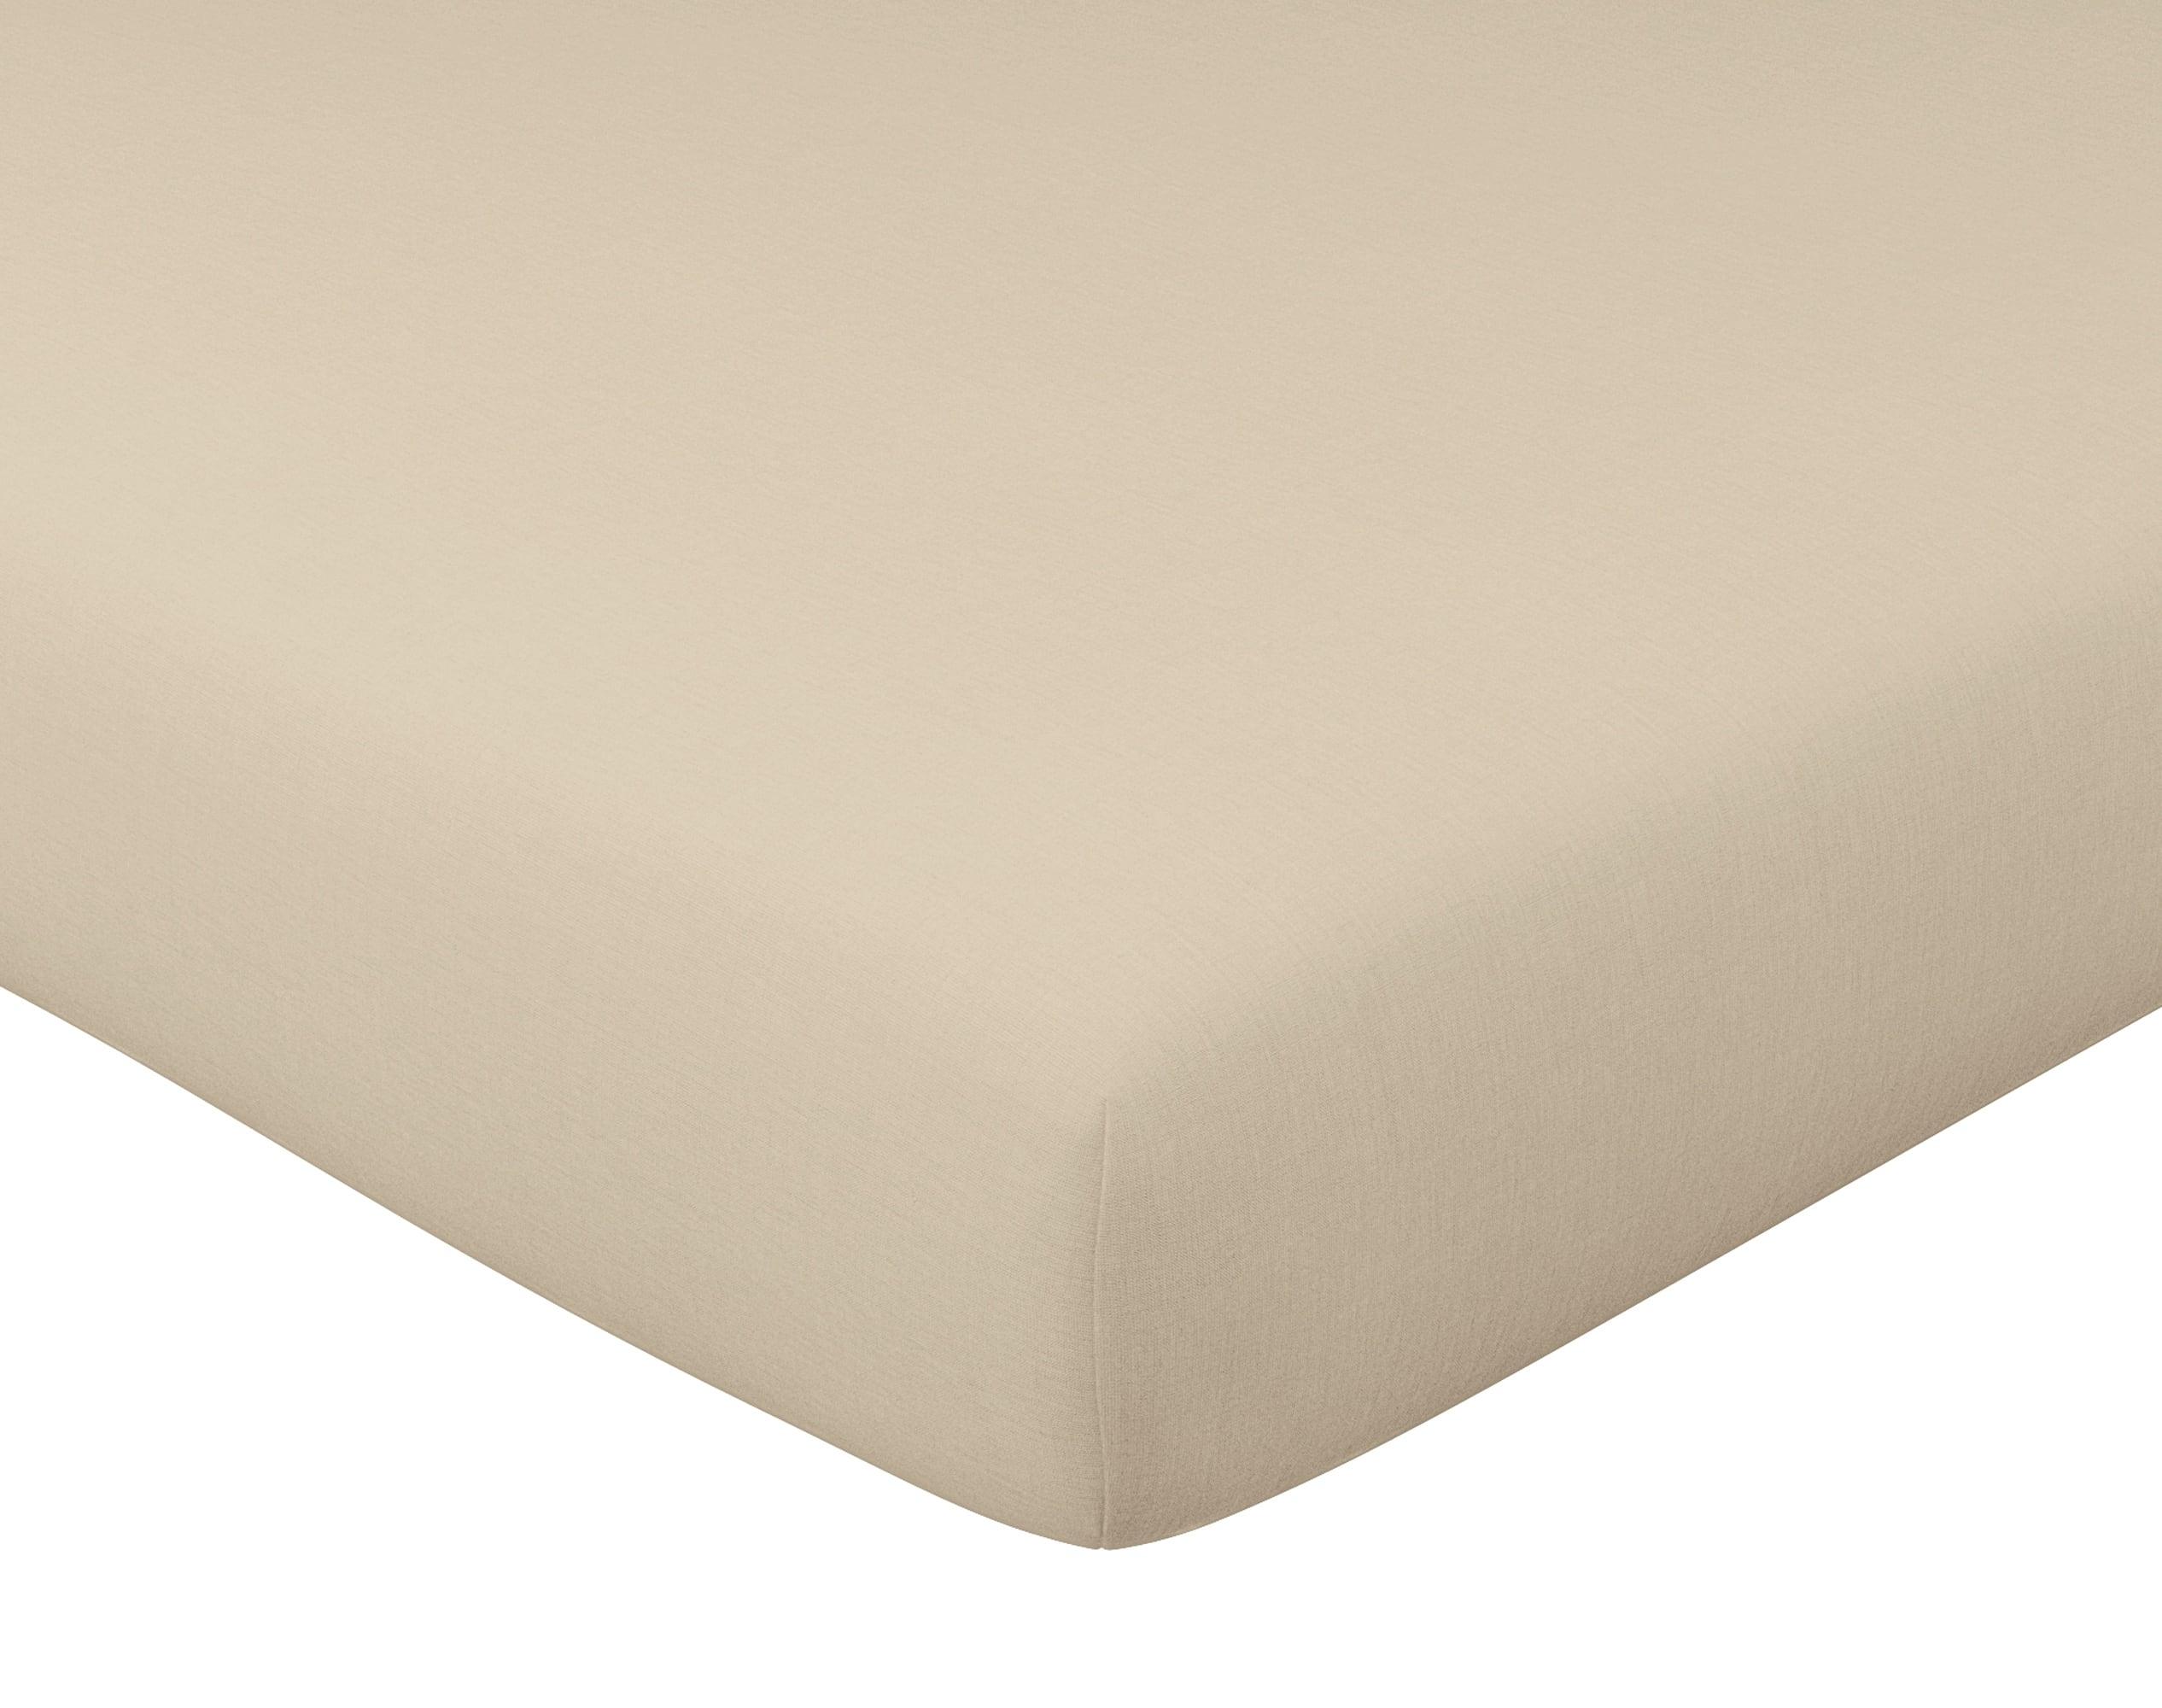 Drap-housse 90x200 en gaze de coton blanc